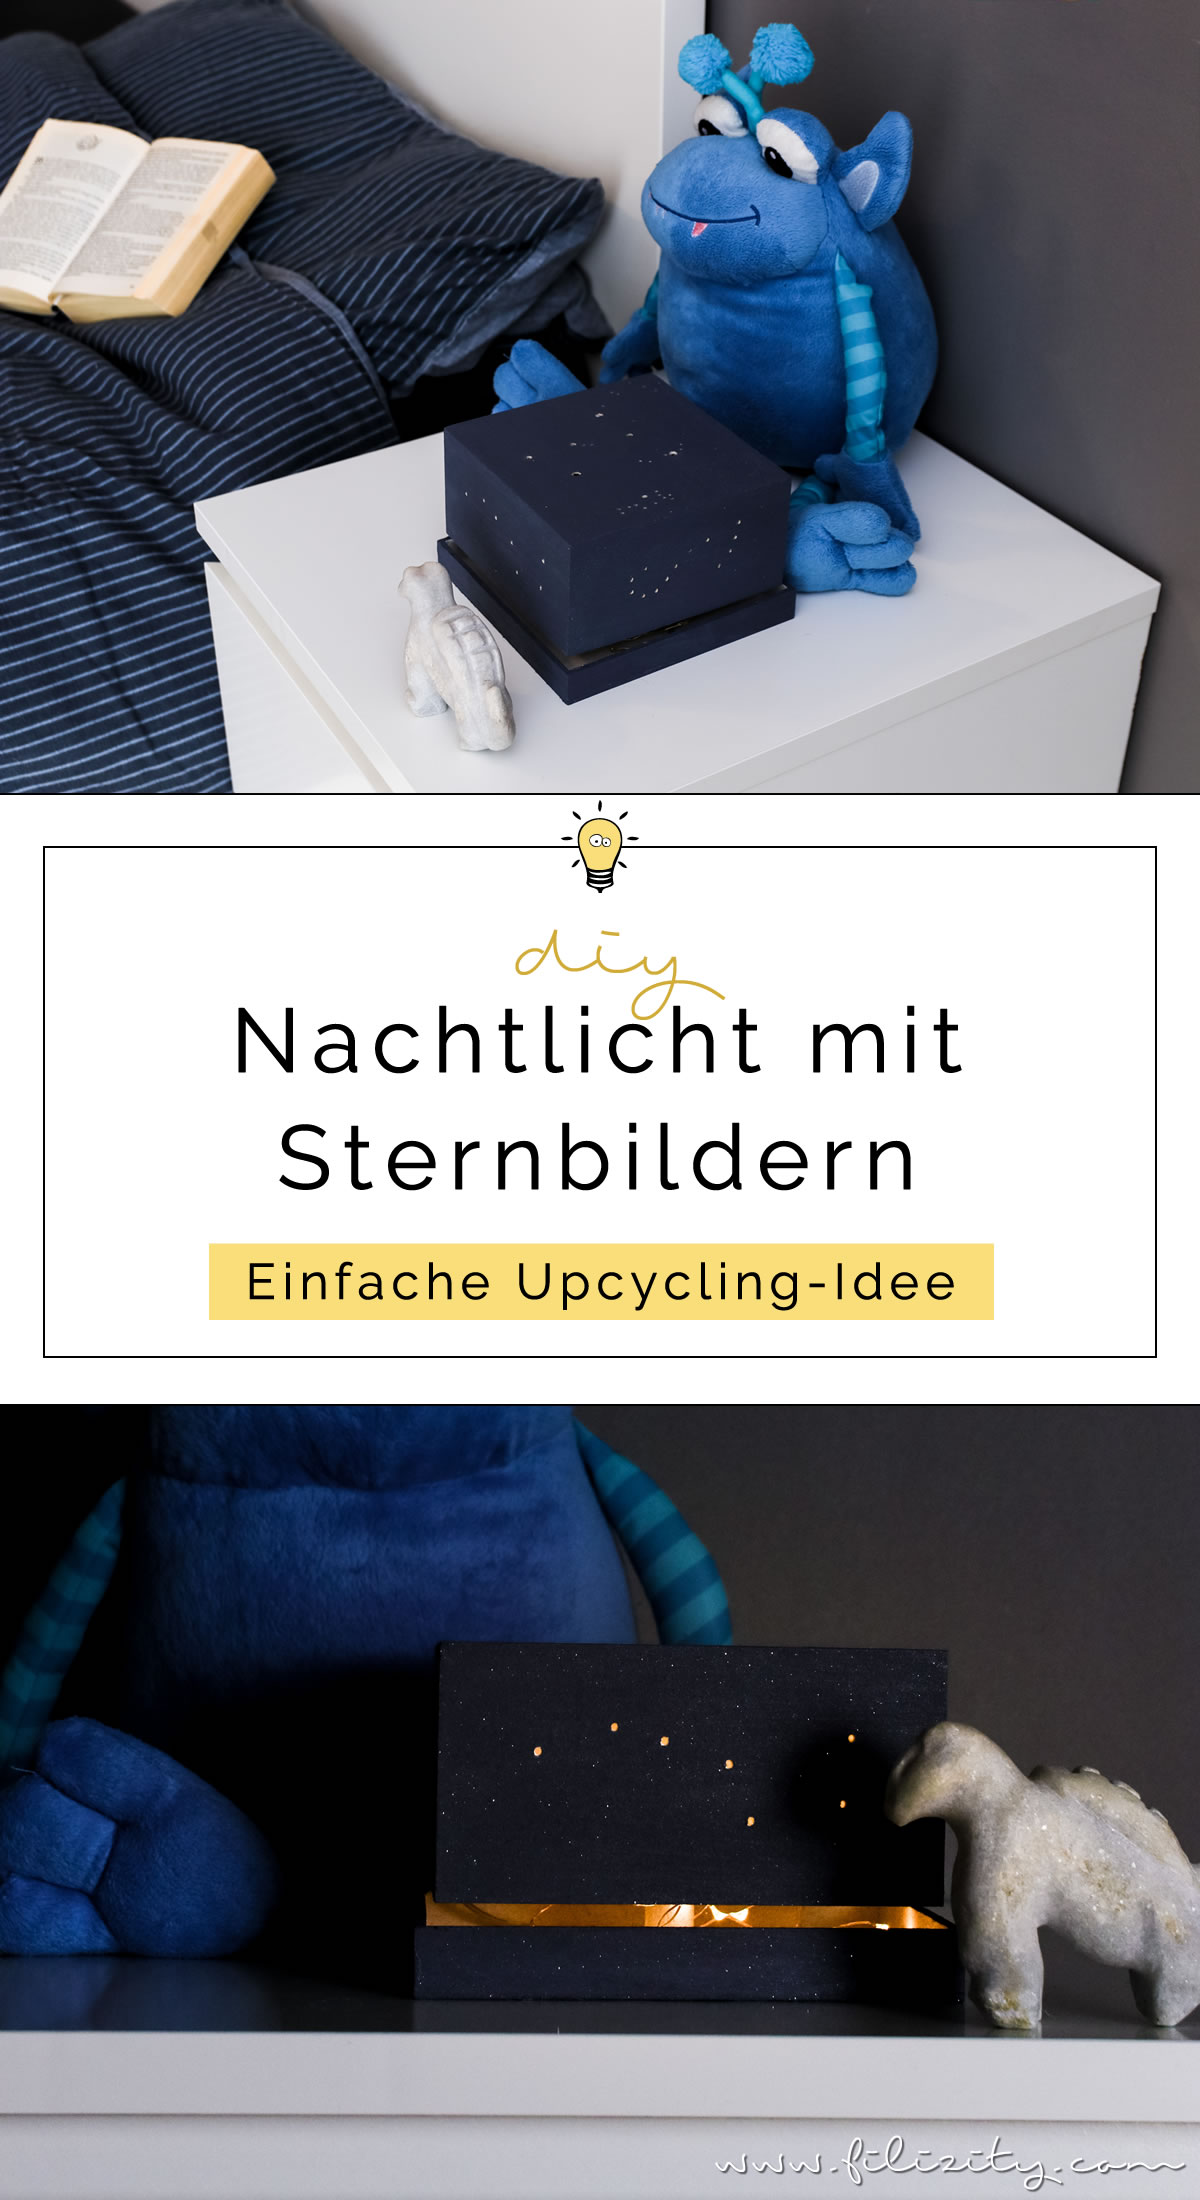 DIY Nachtlicht mit Sternenhimmel - Lampe selber bauen aus Spanschachtel | Einfache Upcycling-Idee | Filizity.com - DIY Blog aus dem Rheinland